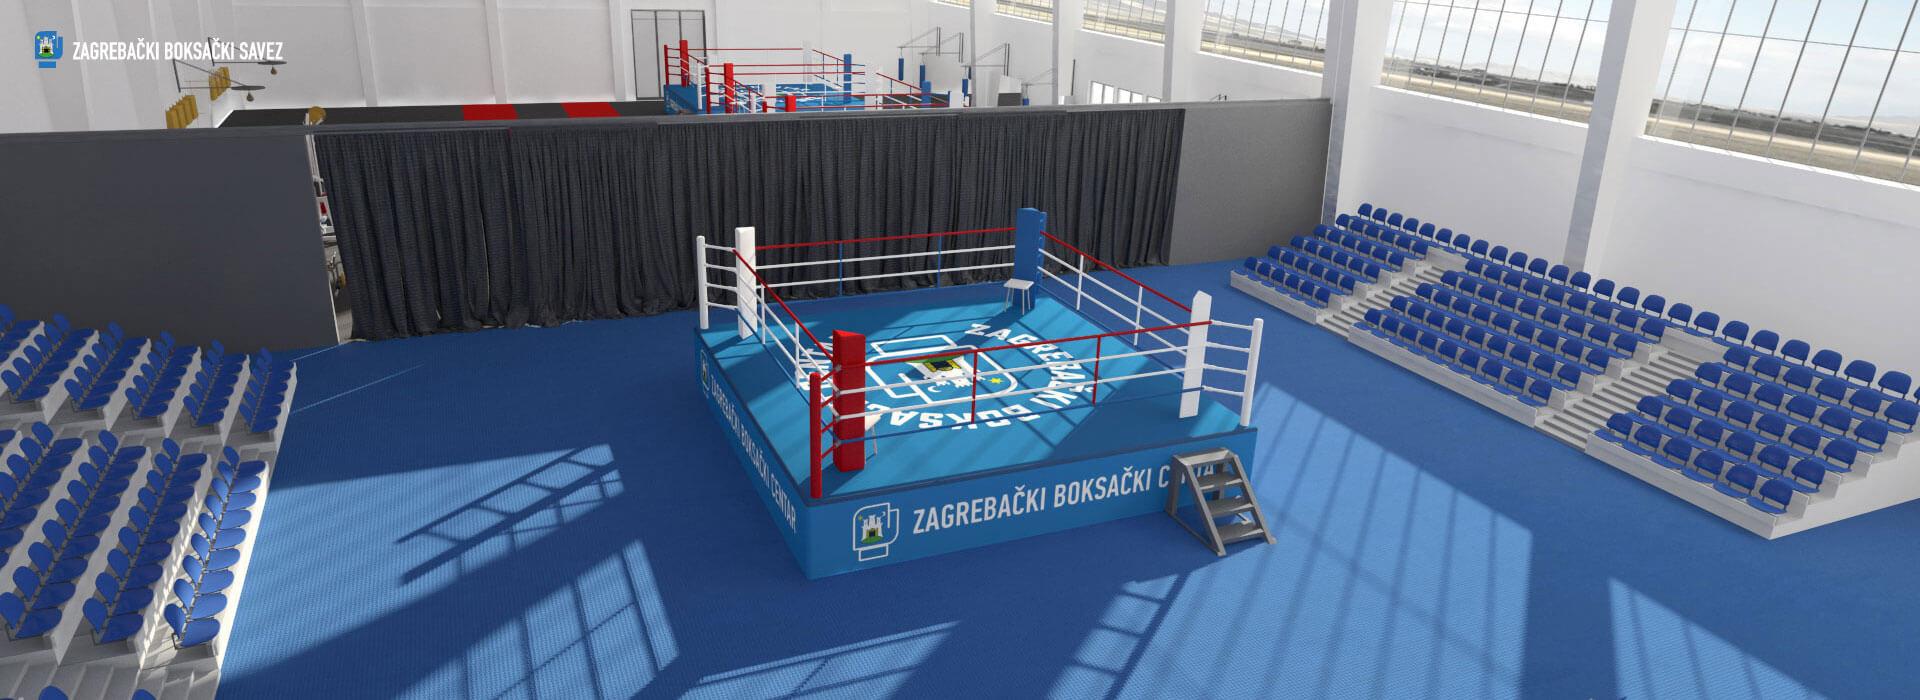 Zagrebački Boksački Centar